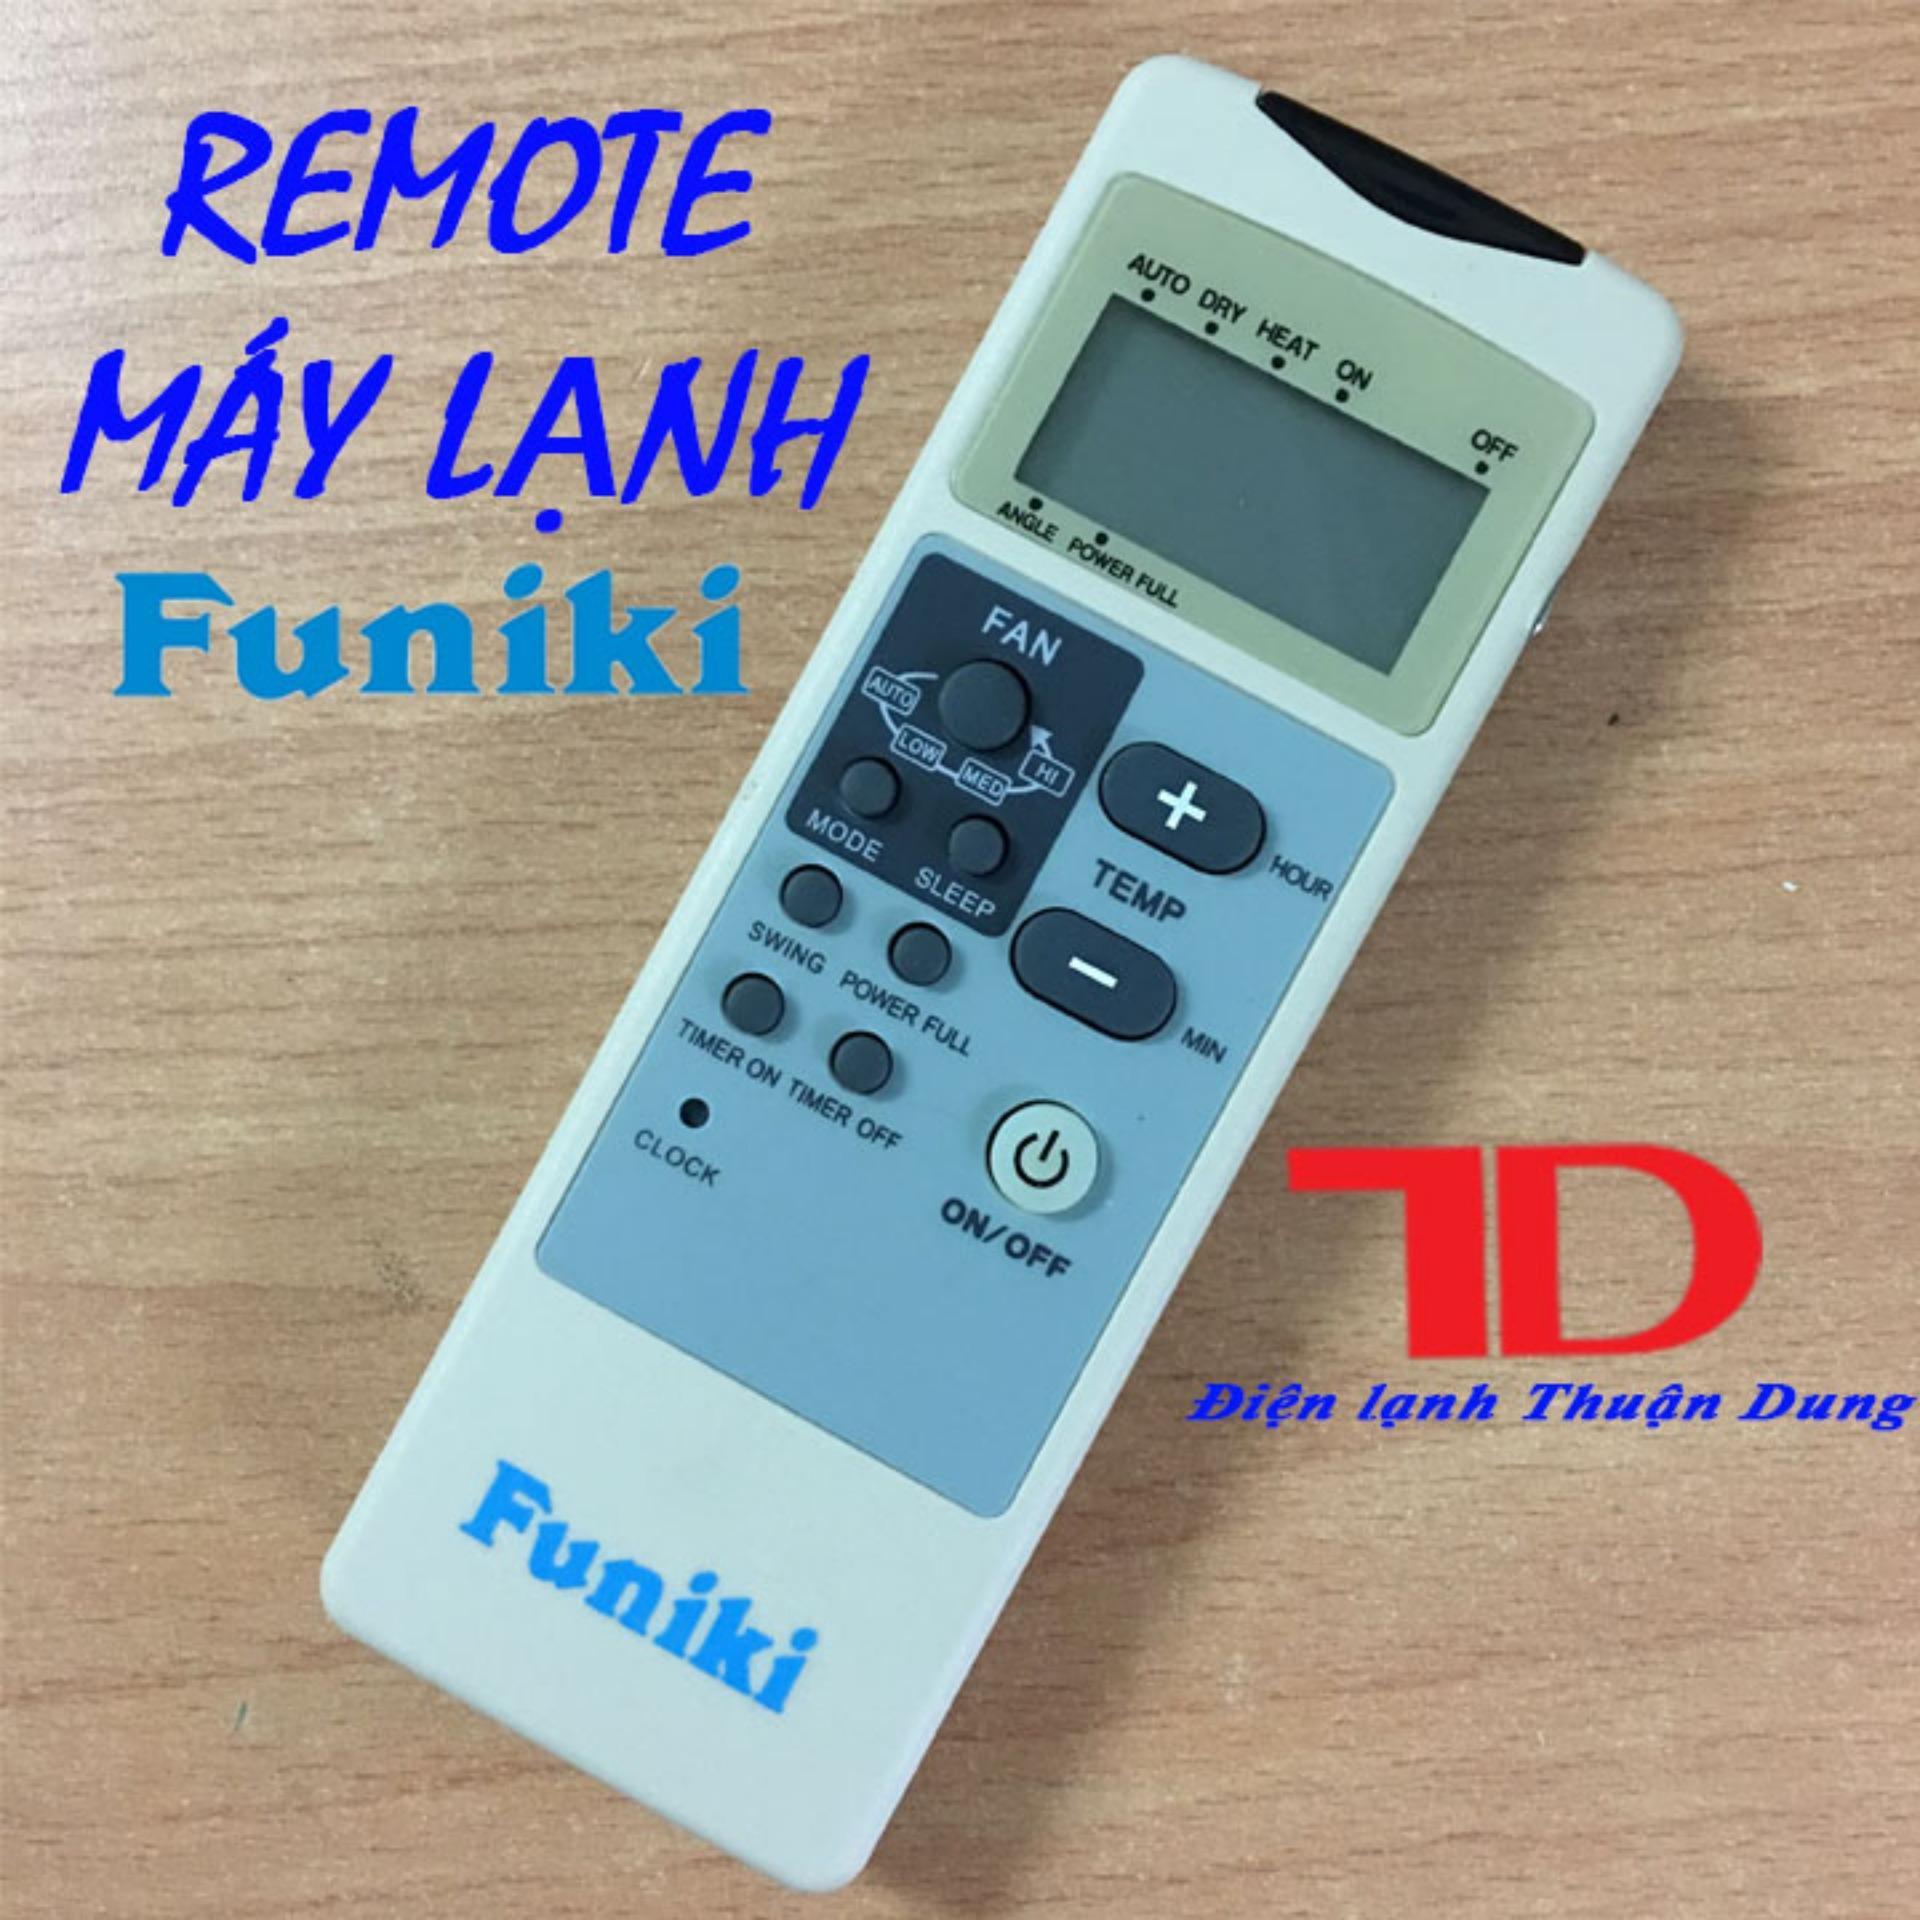 Hình ảnh Remote máy lạnh FUNIKI